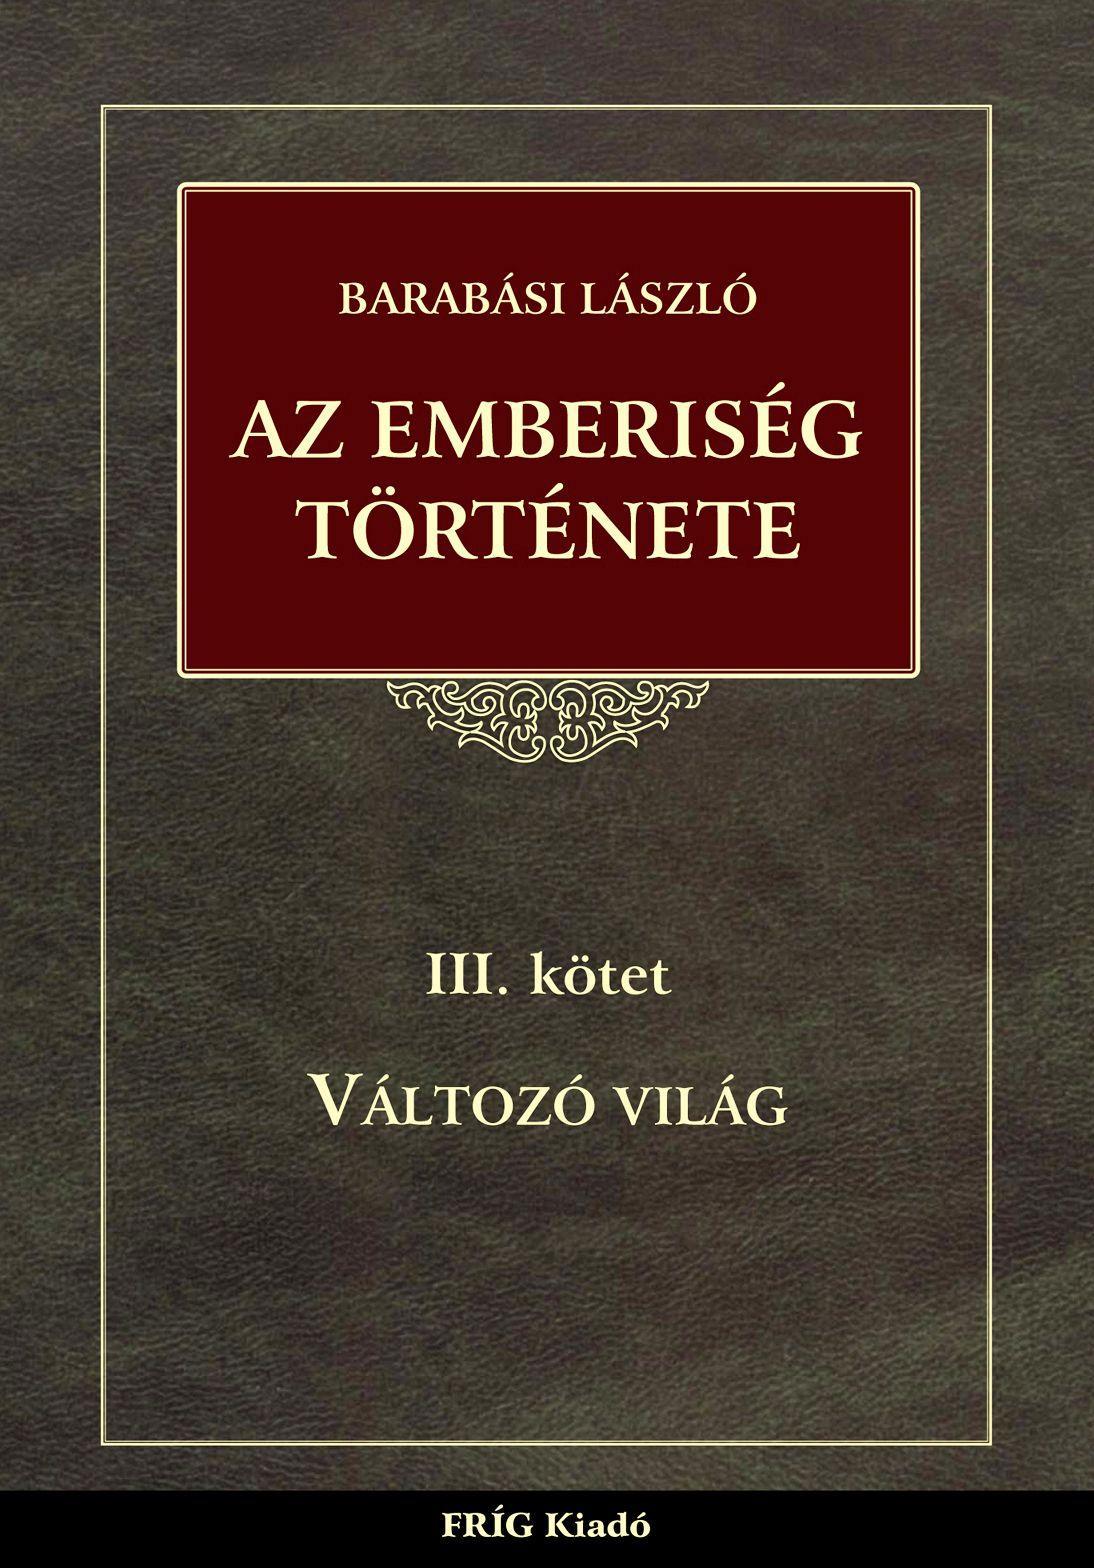 AZ EMBERISÉG TÖRTÉNETE III. - VÁLTOZÓ VILÁG